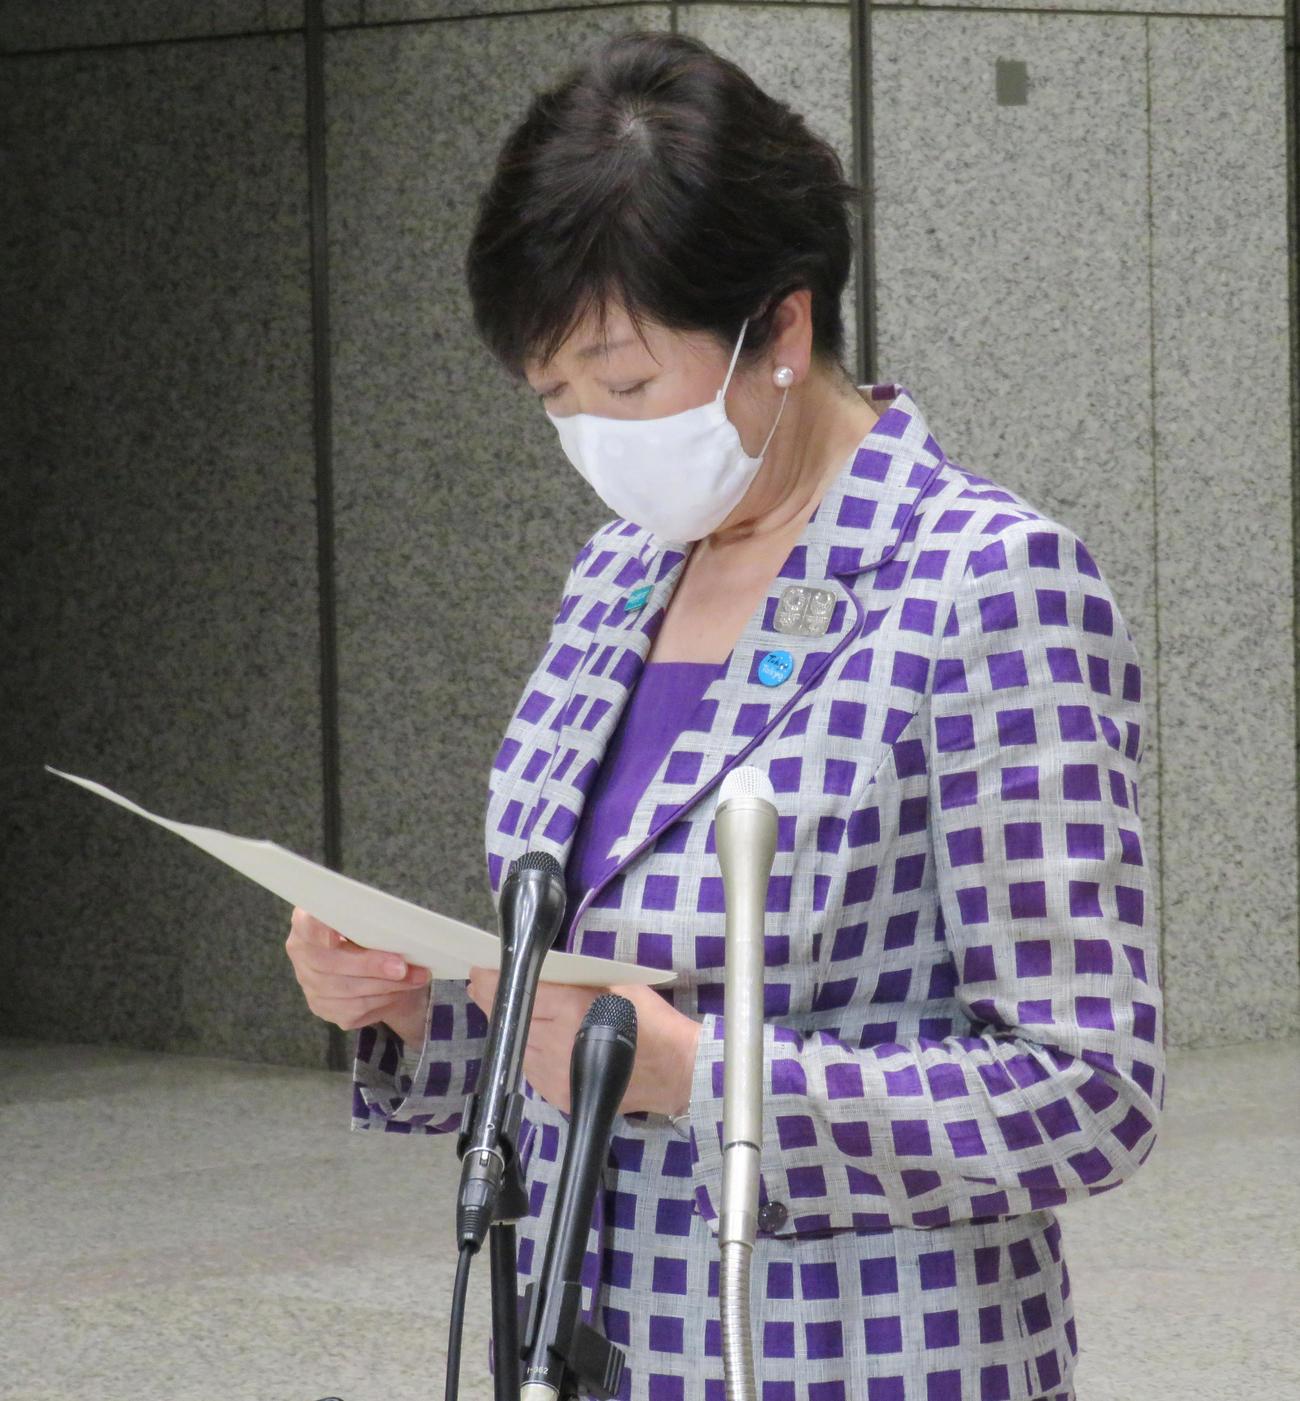 退庁時に報道陣の取材に応じた、東京都の小池百合子知事(撮影・佐藤勝亮)